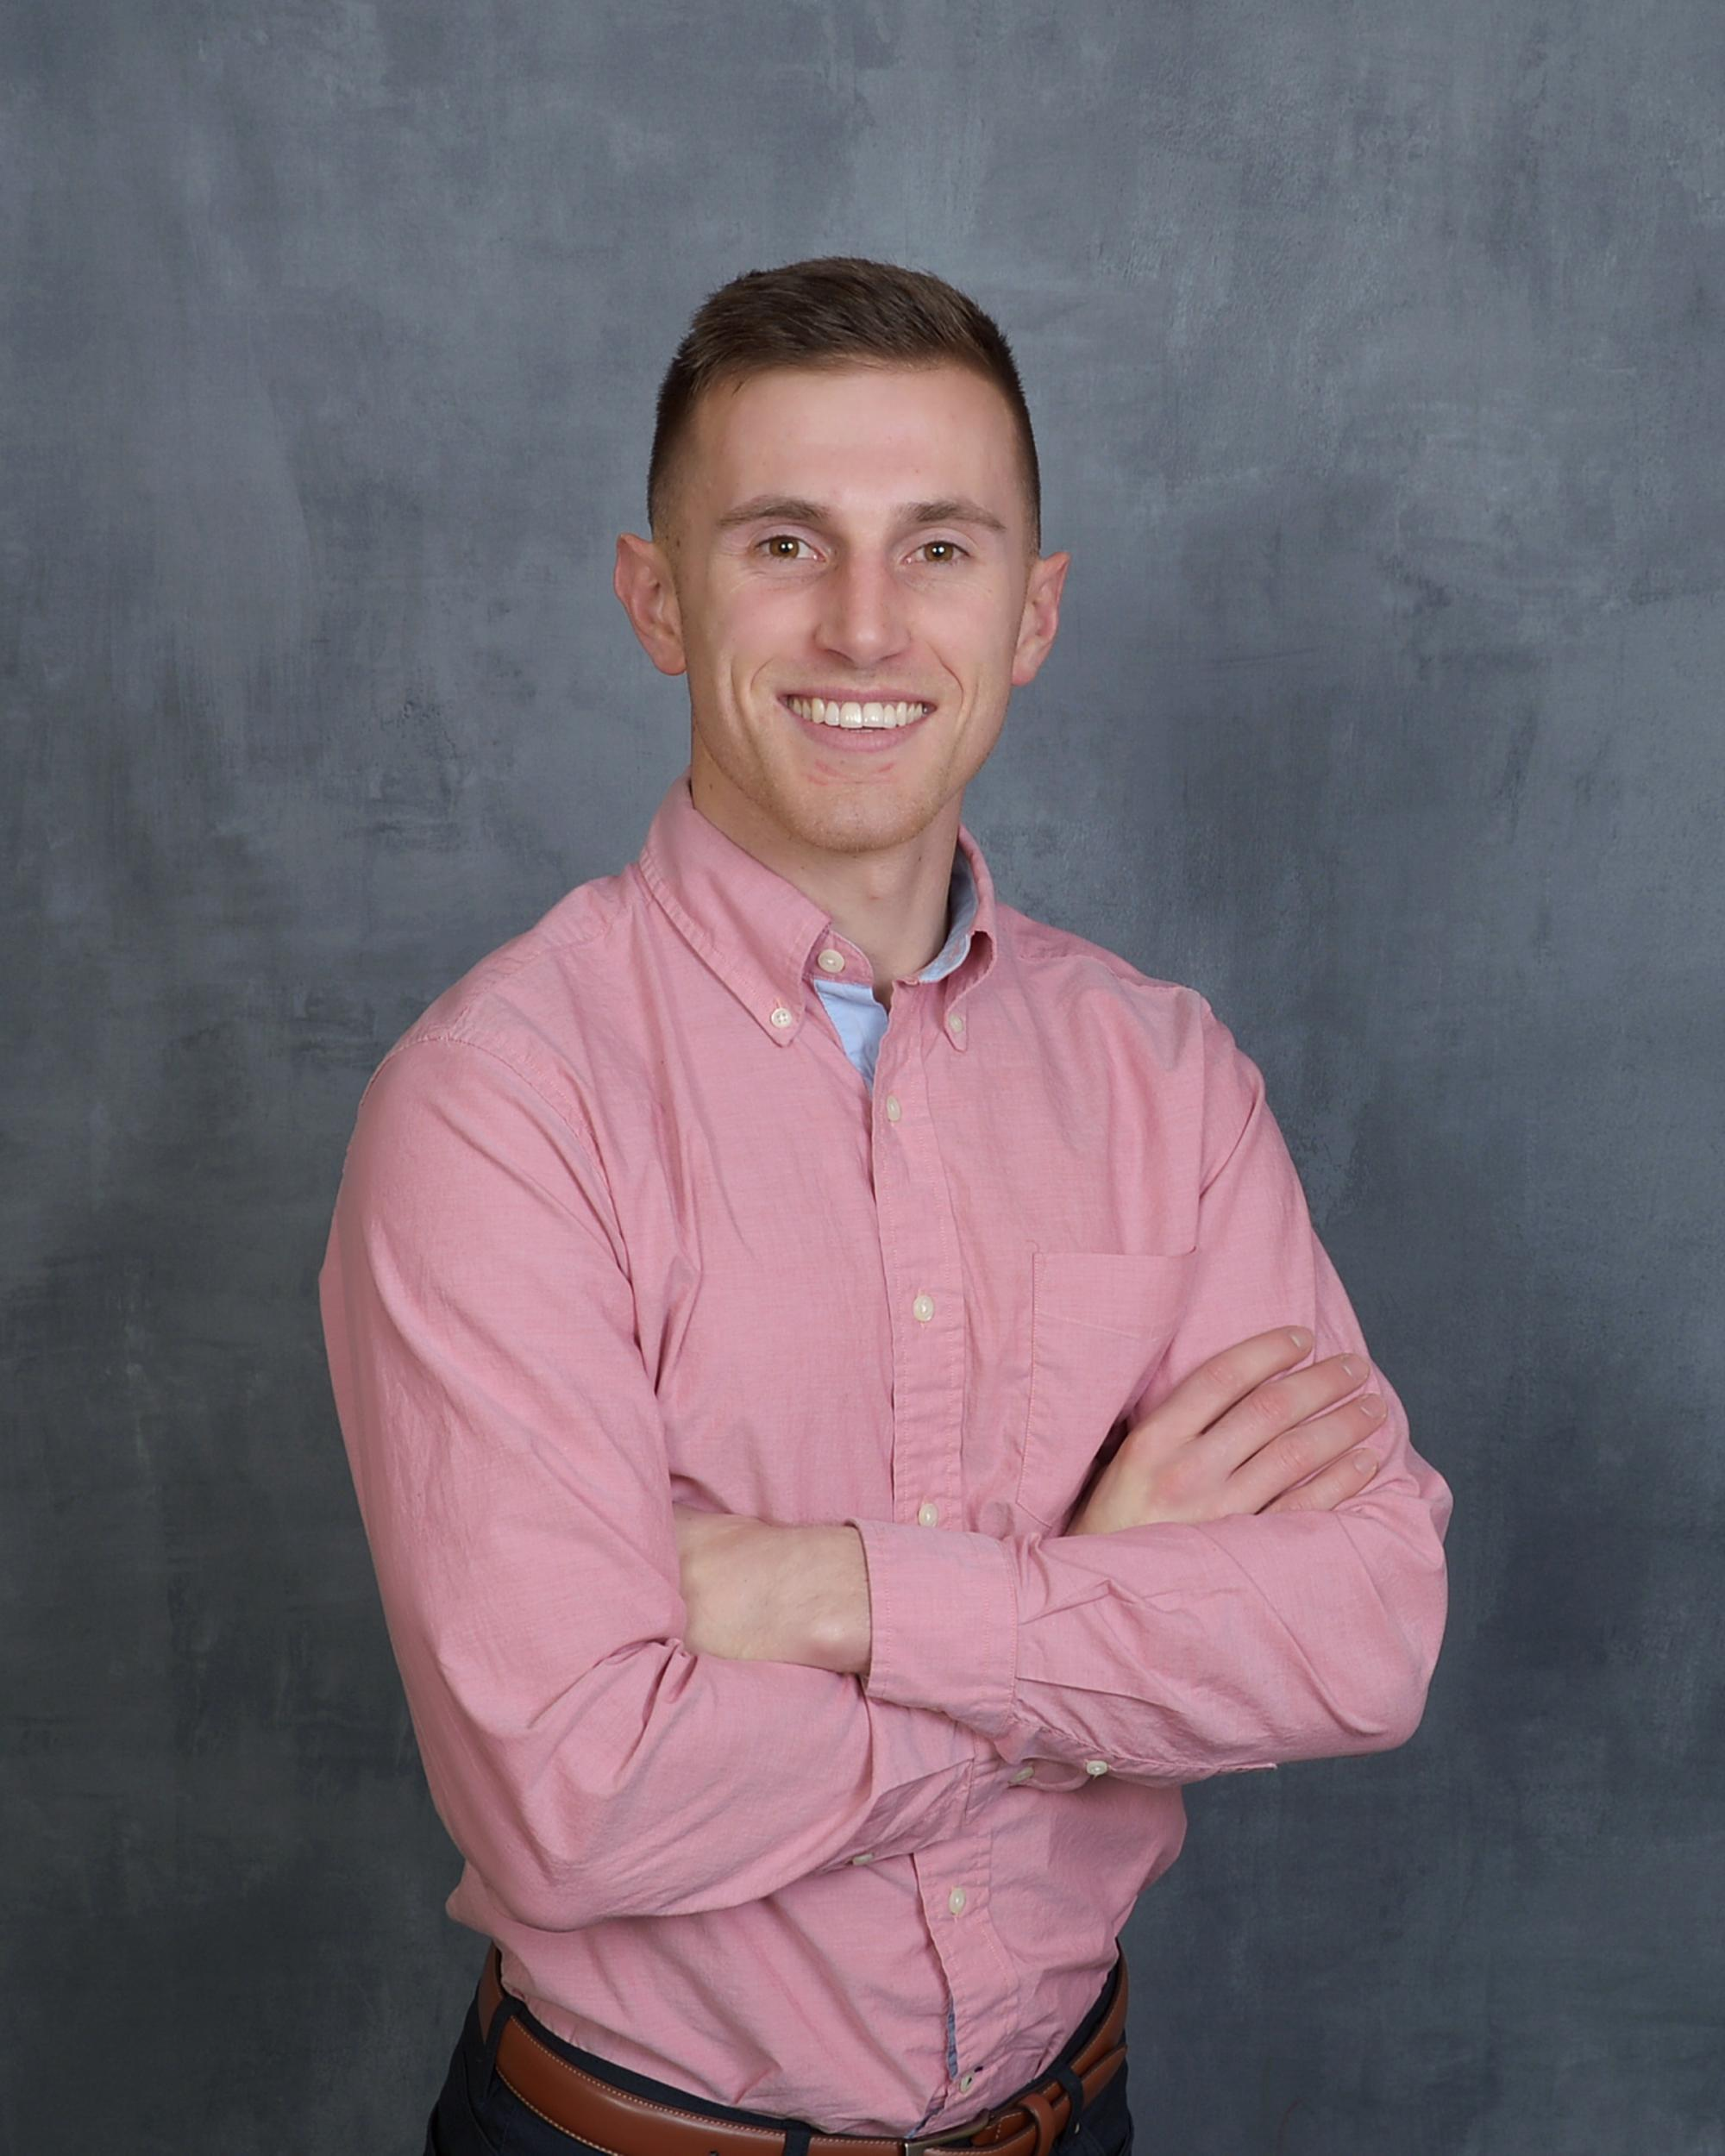 K. Ryan Petersen, DPT, CSCS